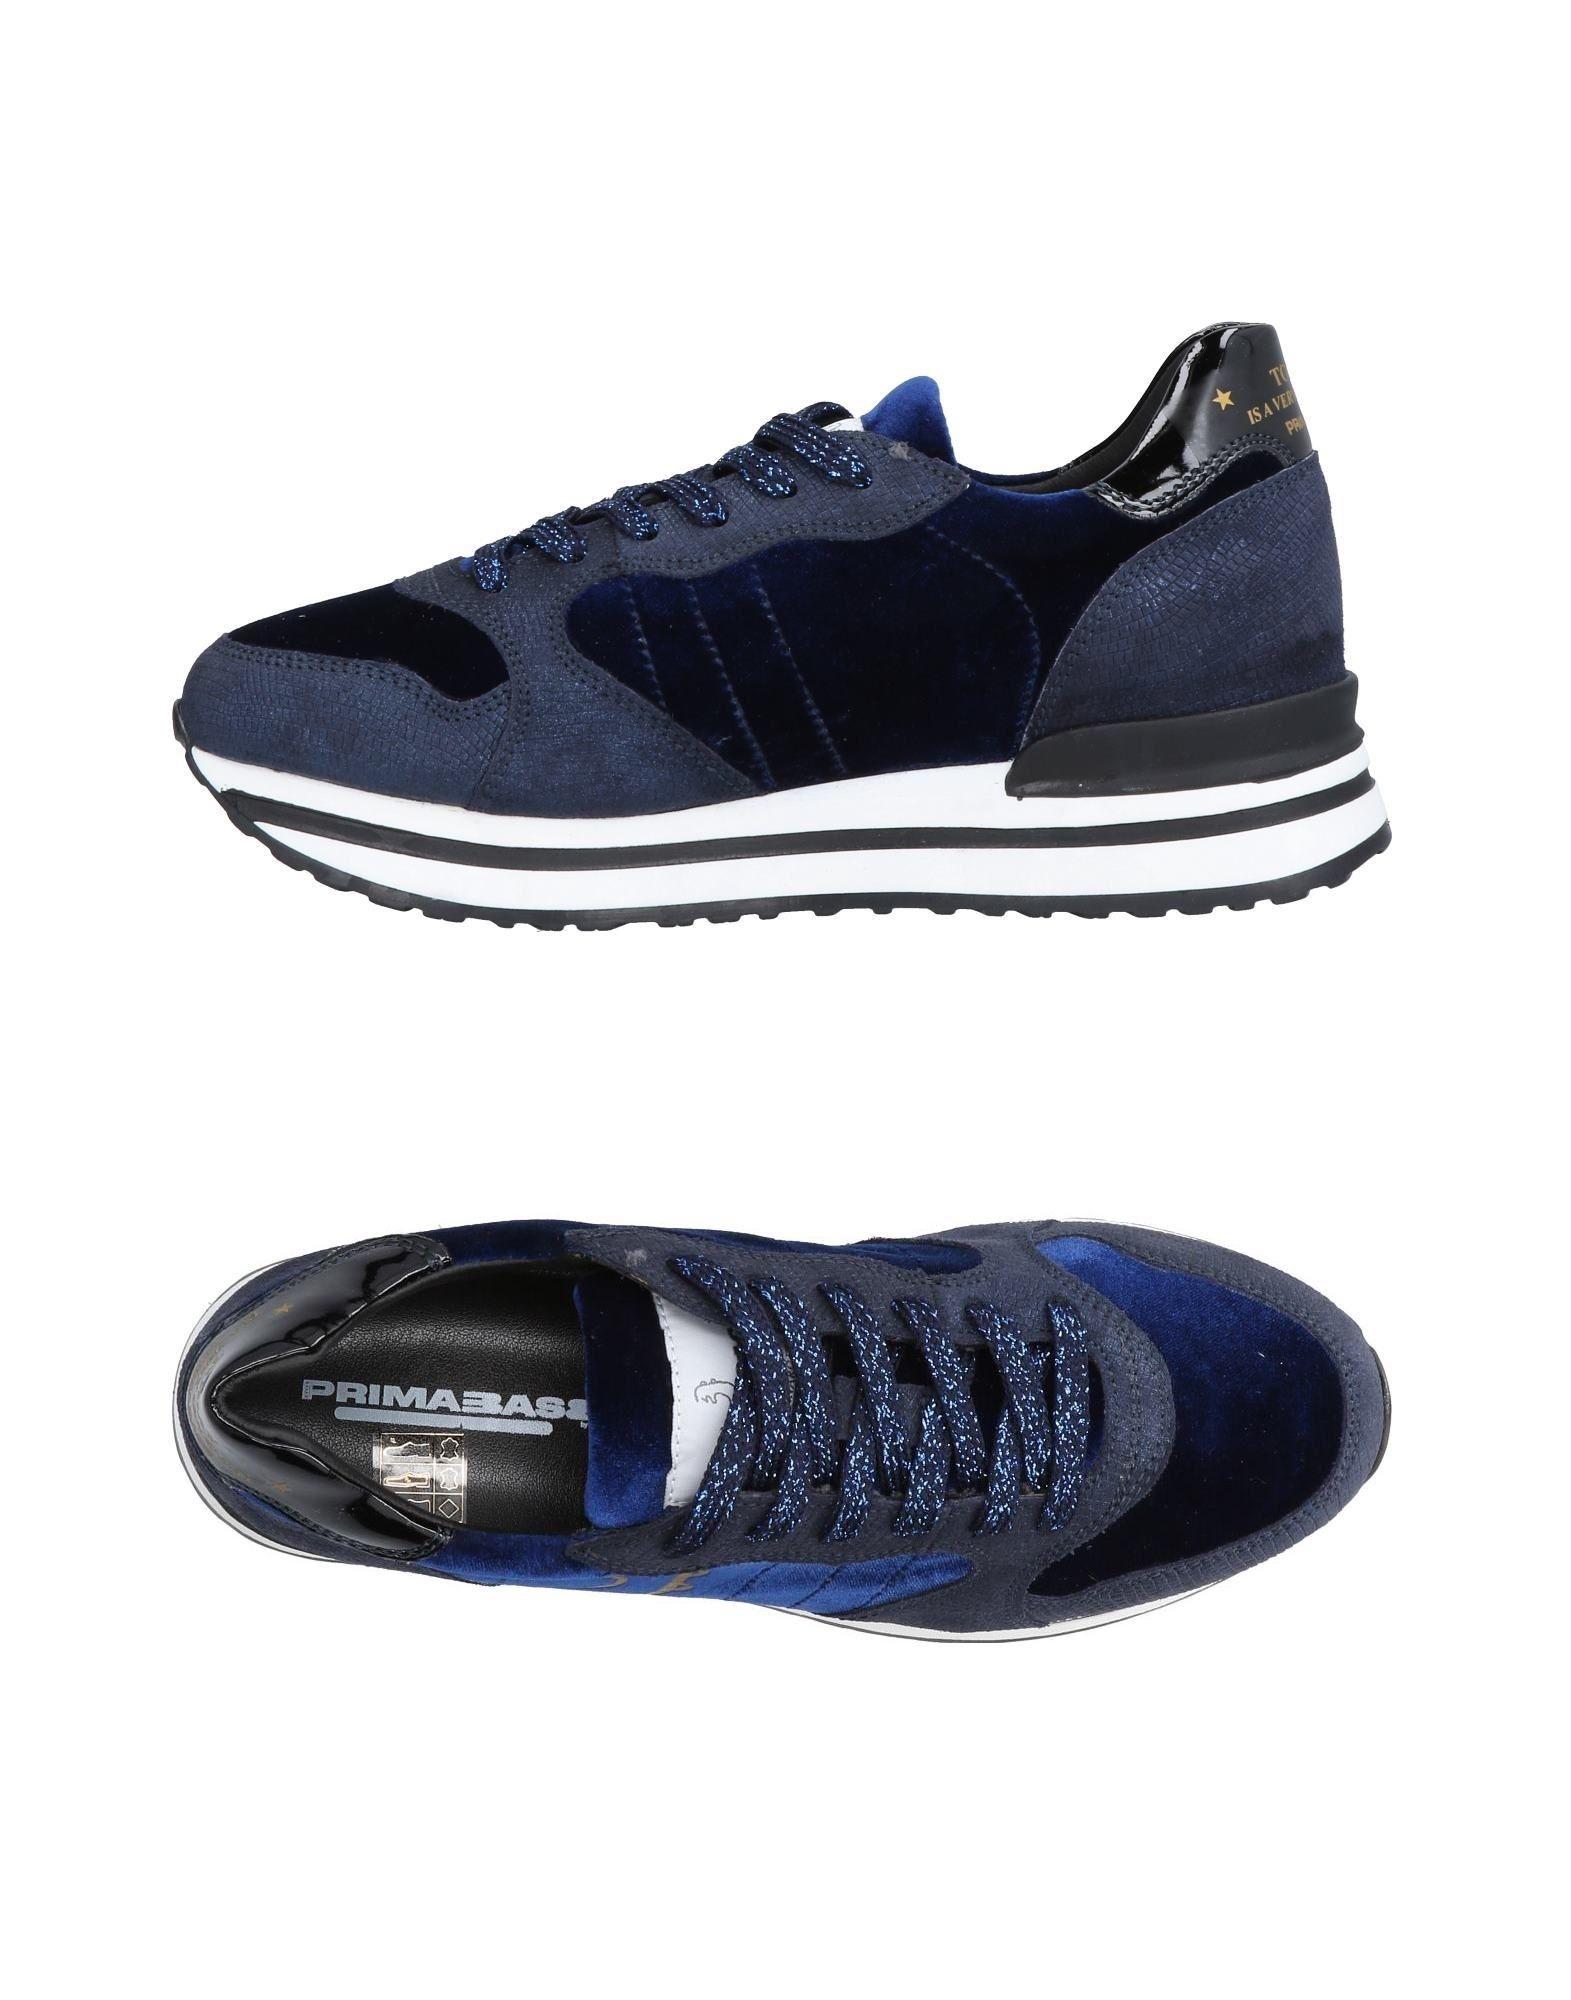 Sneakers Primabase Donna e - 11474920PB Scarpe comode e Donna distintive 8a0901